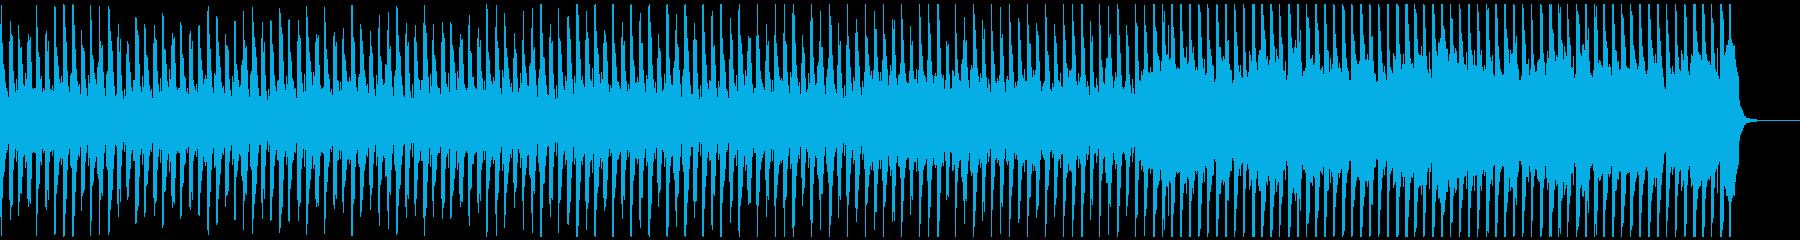 コーポレートに!洋楽・かわいい・楽しいMの再生済みの波形